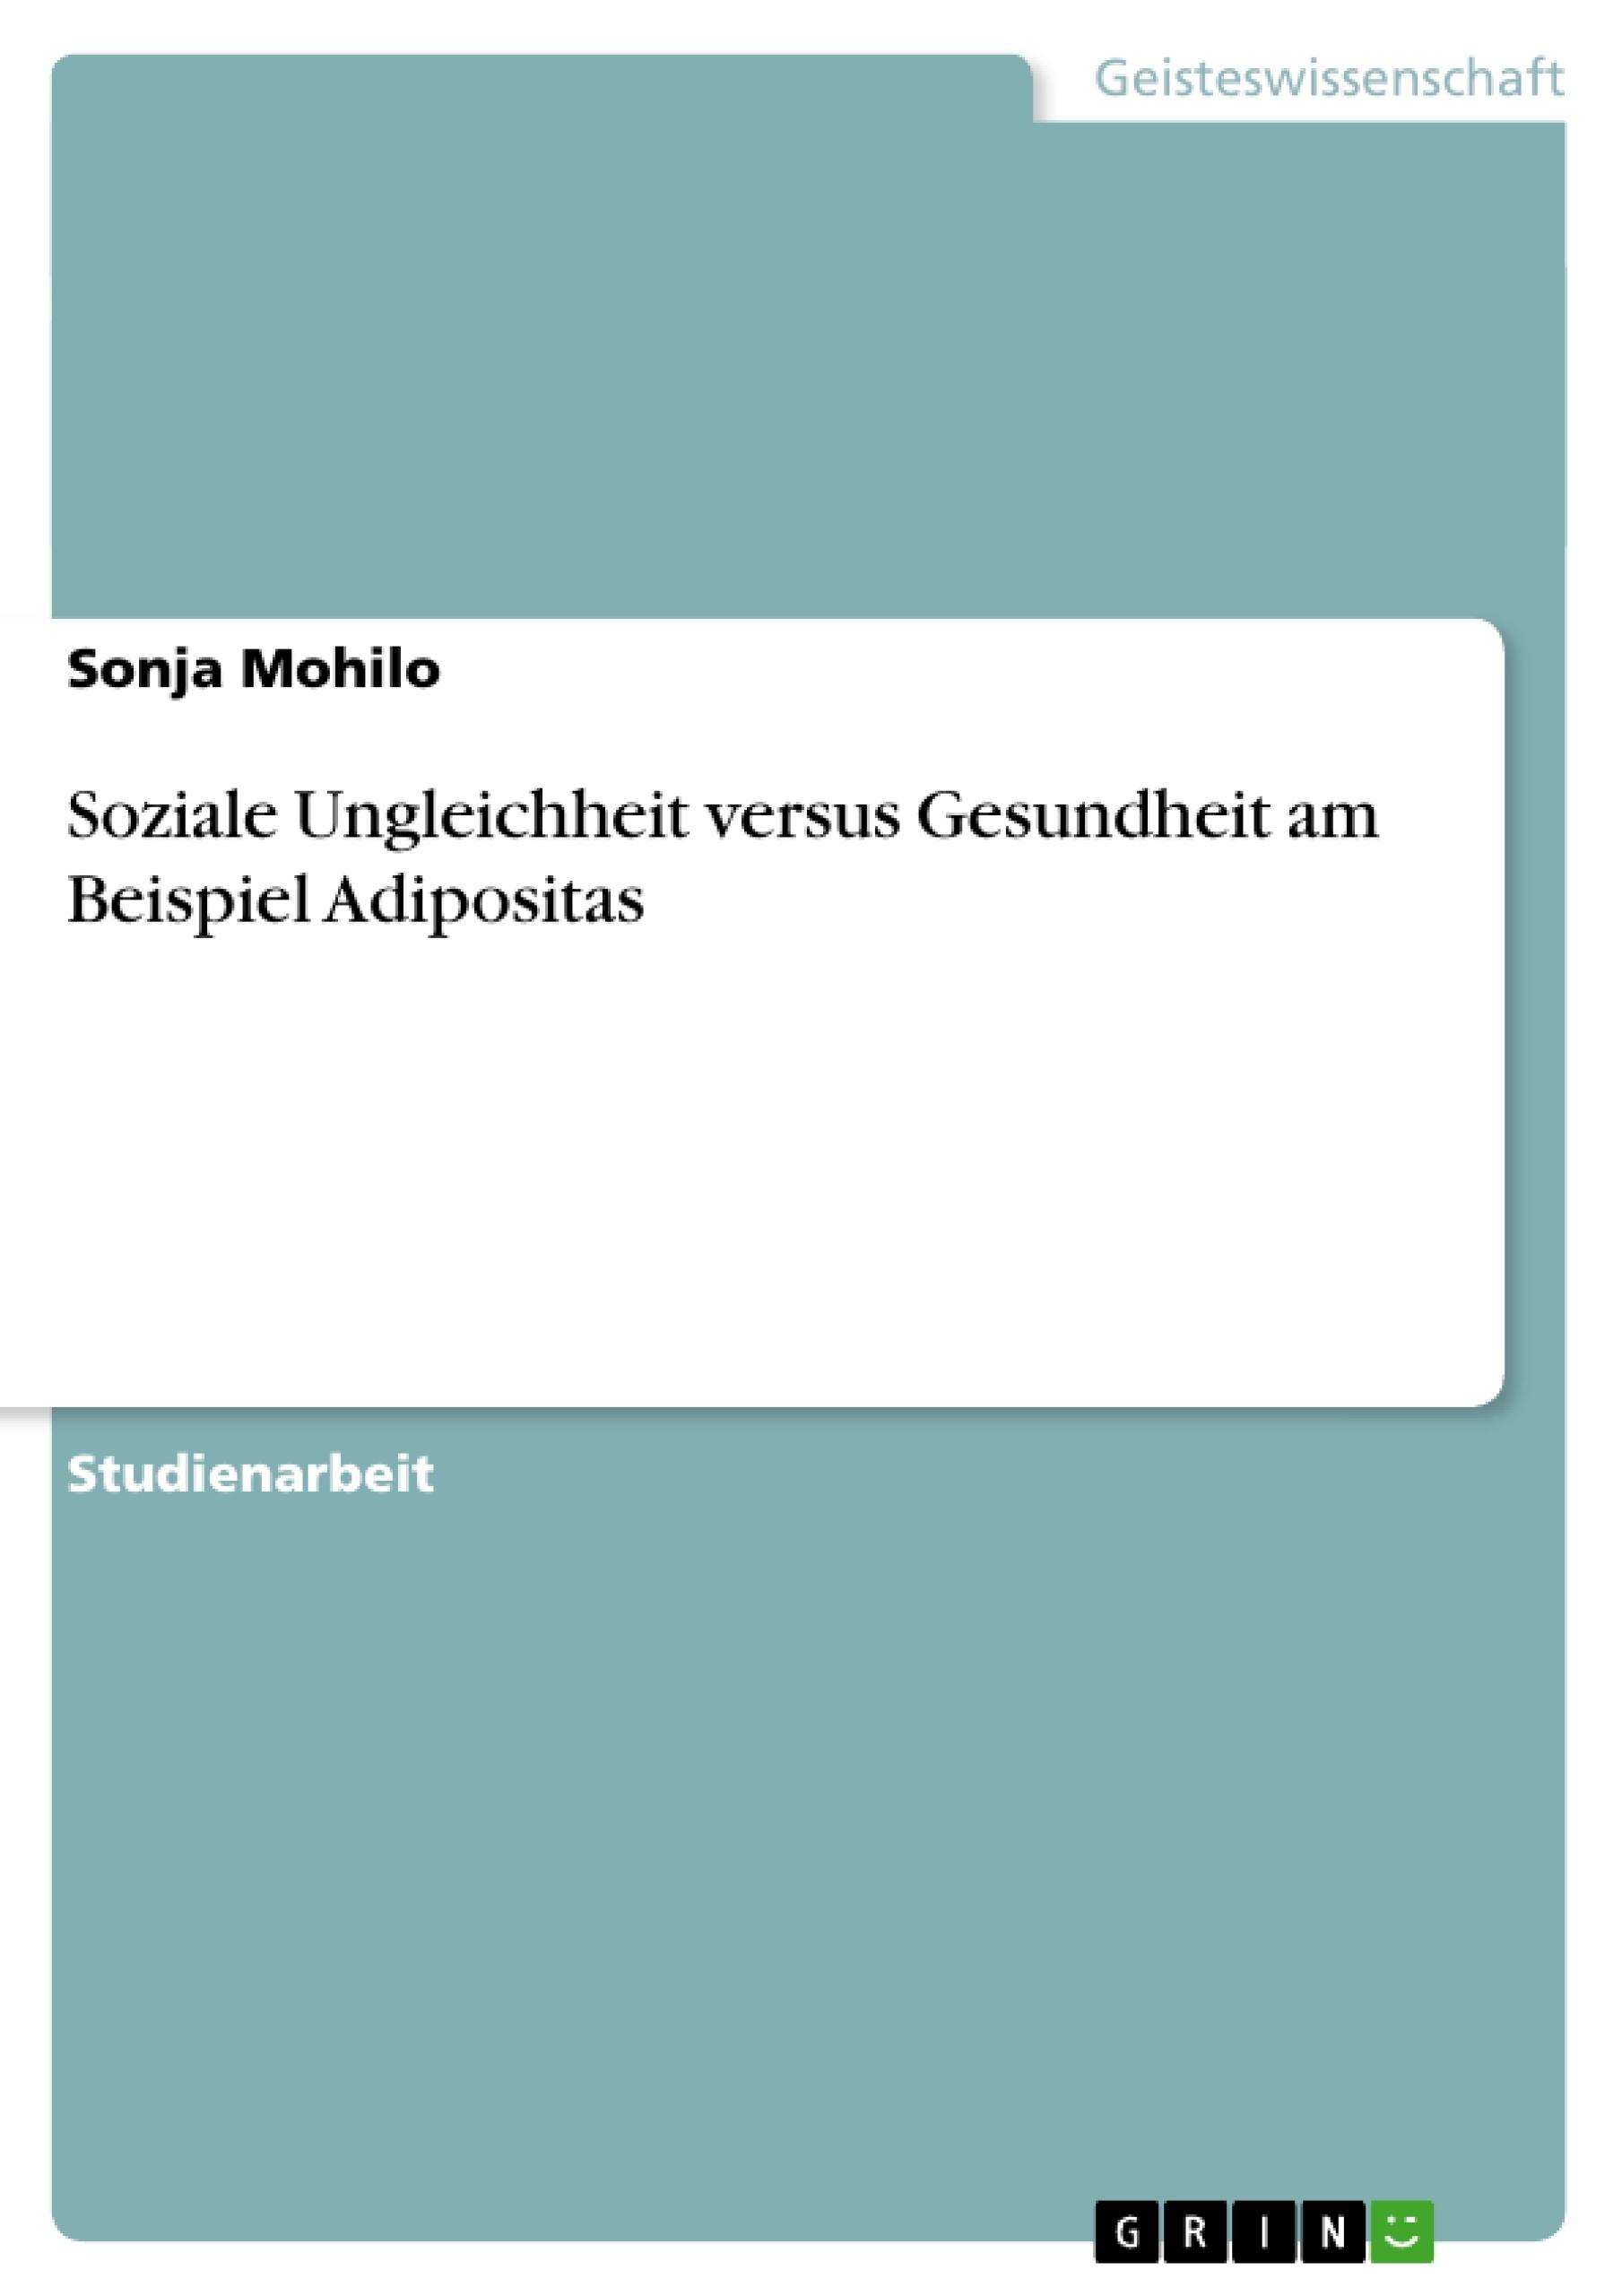 Titel: Soziale Ungleichheit versus Gesundheit am Beispiel Adipositas